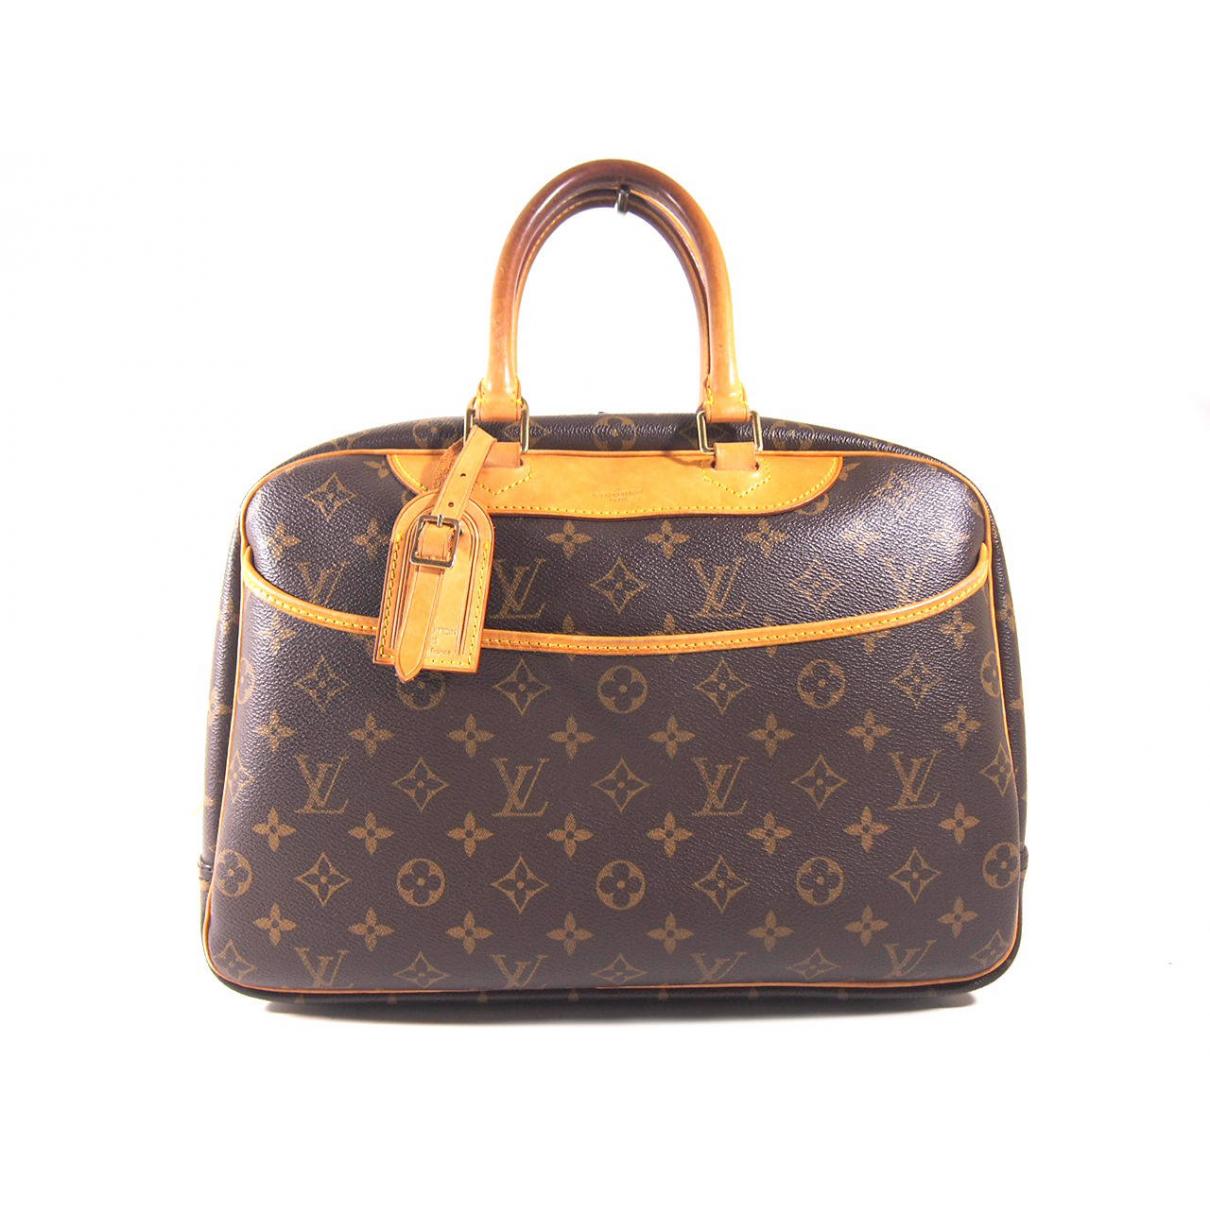 Louis Vuitton Deauville Handtasche in  Braun Leinen